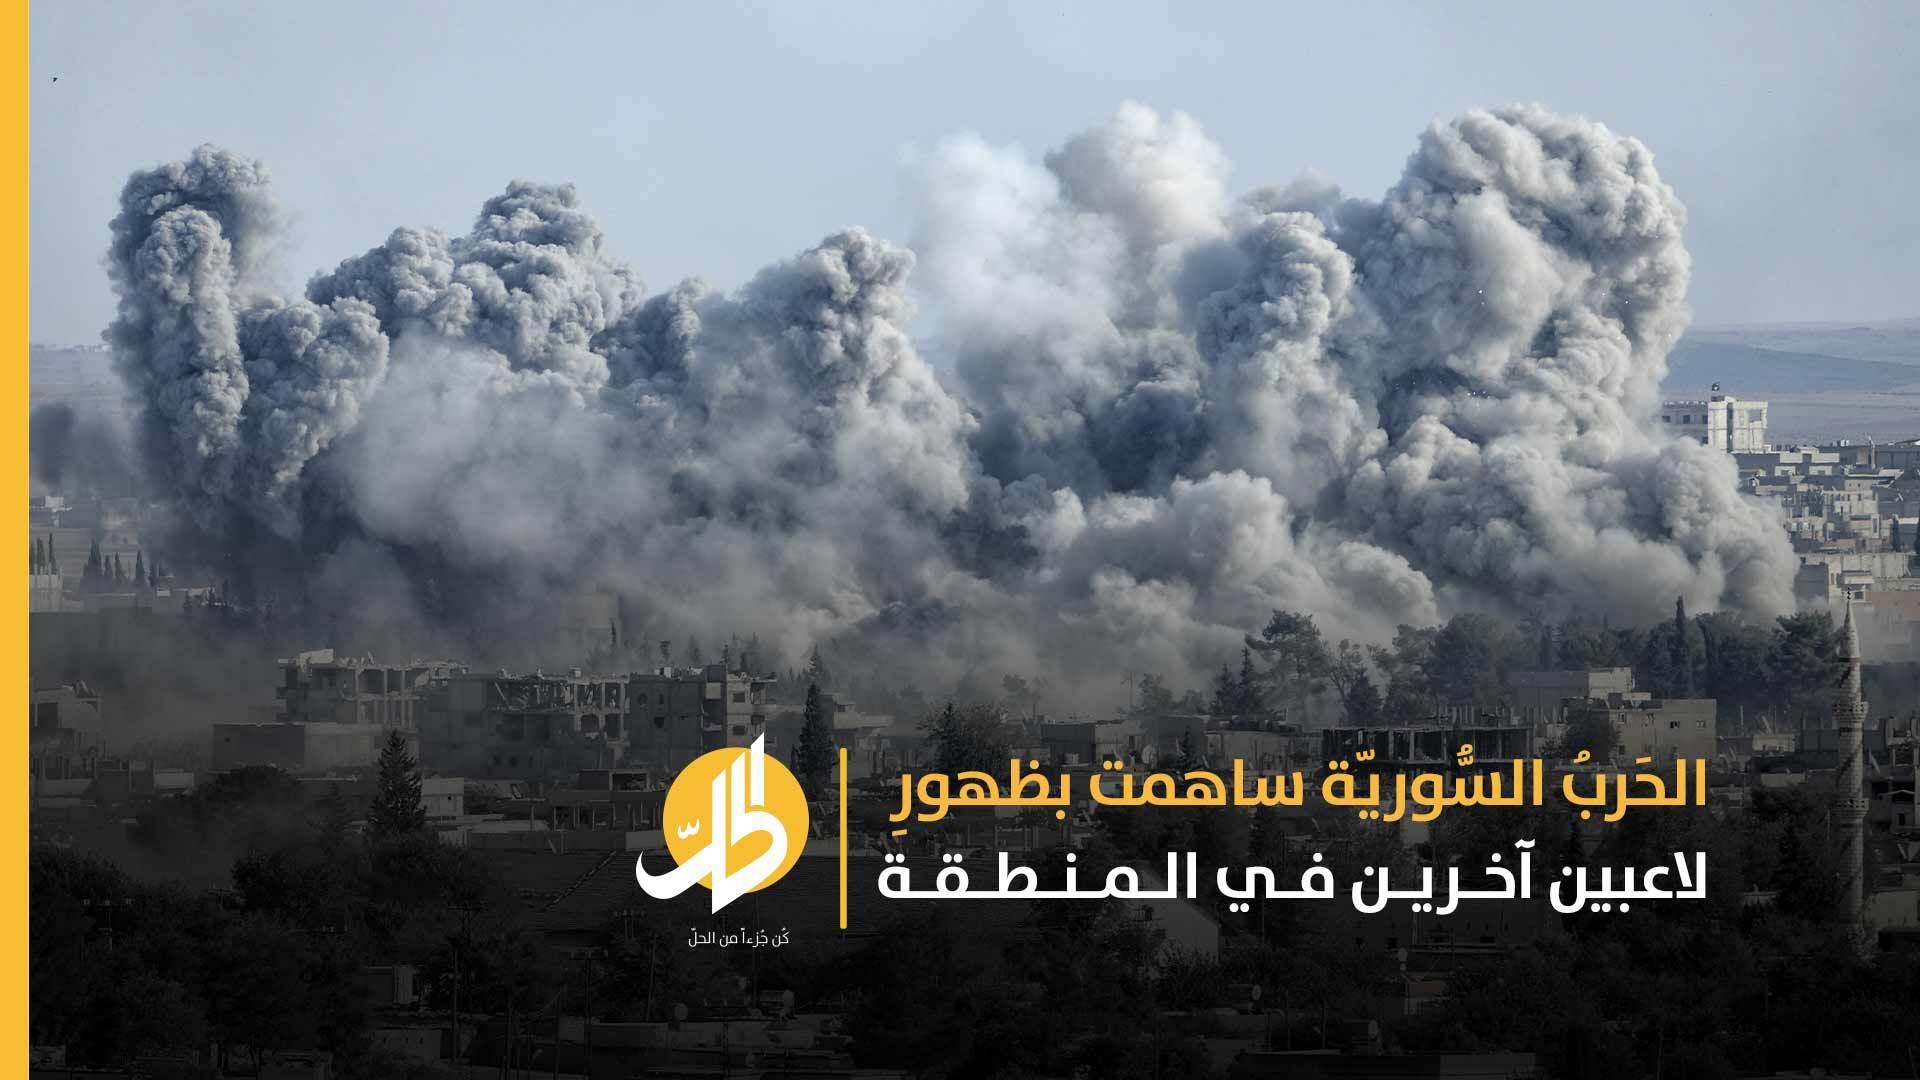 """""""الأسَدُ"""" لا يزالُ في قصره.. كيف قَلَبت الحَربُ السُّوريّة موازين القِوى في الشَّرق الأوسط؟"""